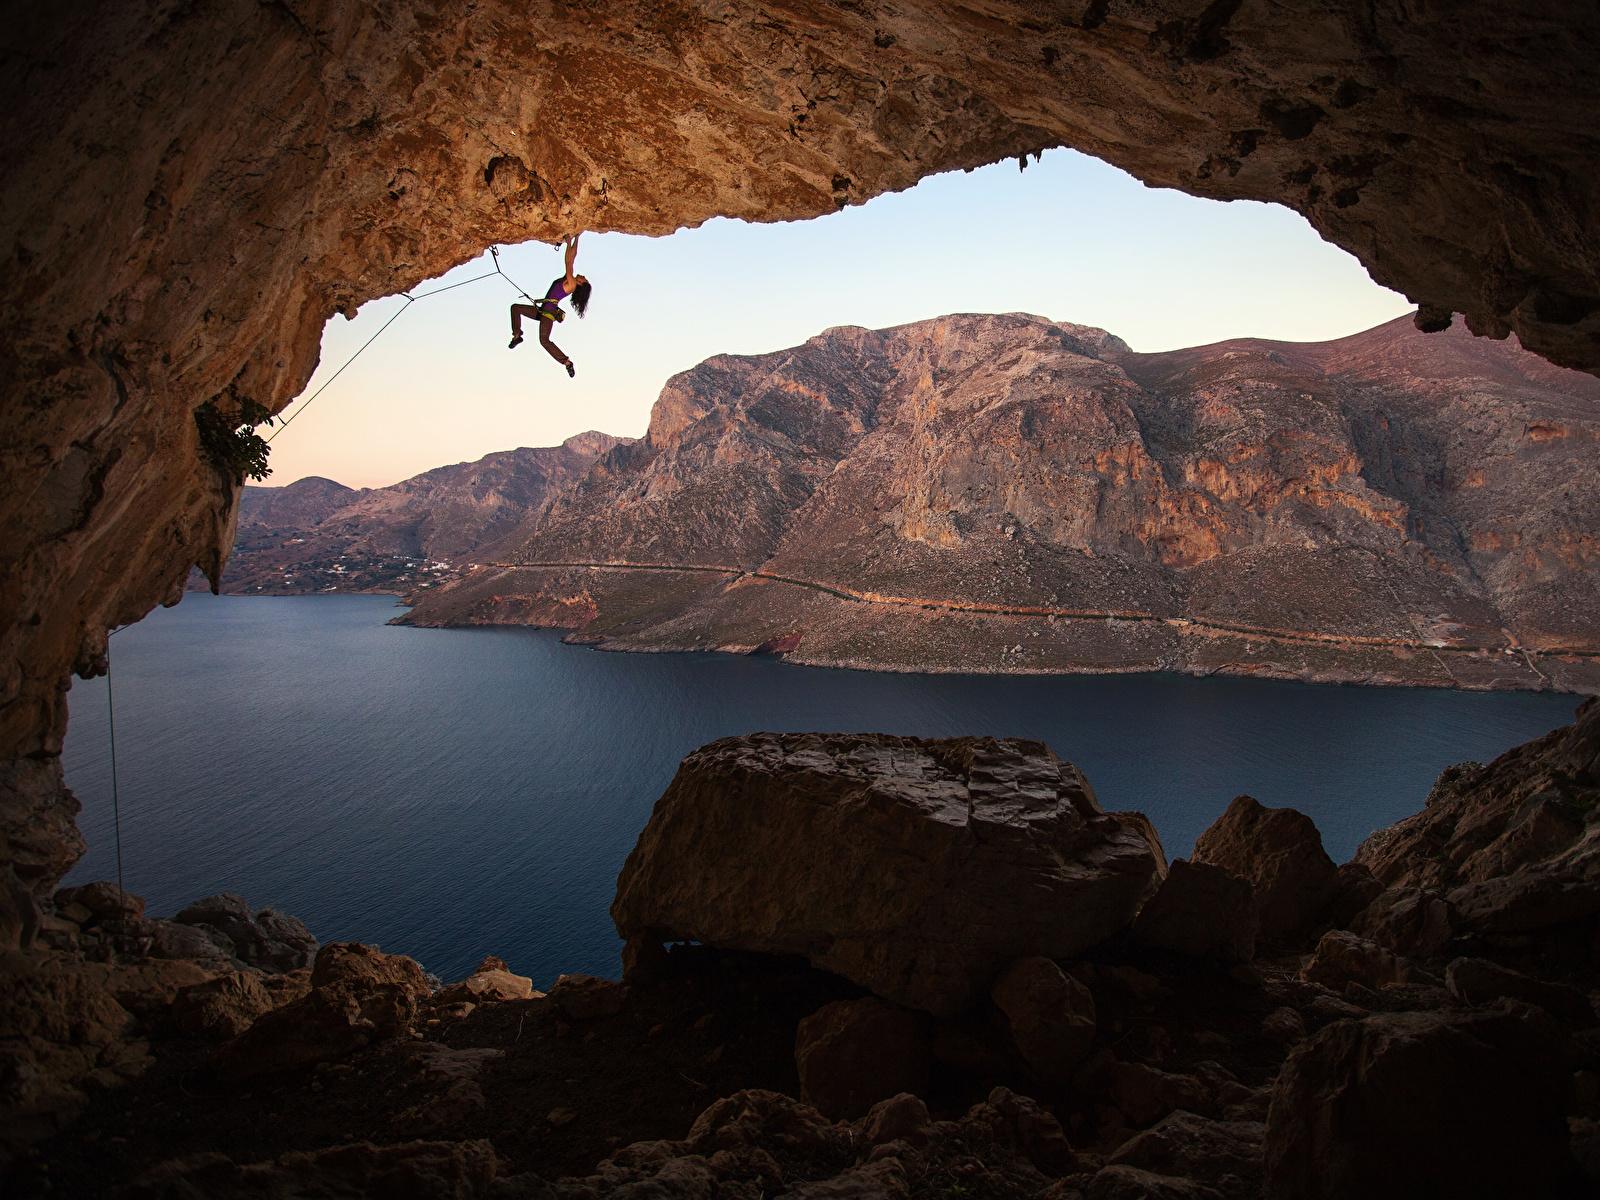 Фотографии Греция Альпинист Kalymnos Горы Скала Пещера Природа Альпинизм молодые женщины Залив Камень 1600x1200 альпинисты Утес гора скалы скале пещеры пещере Девушки девушка молодая женщина Камни заливы залива